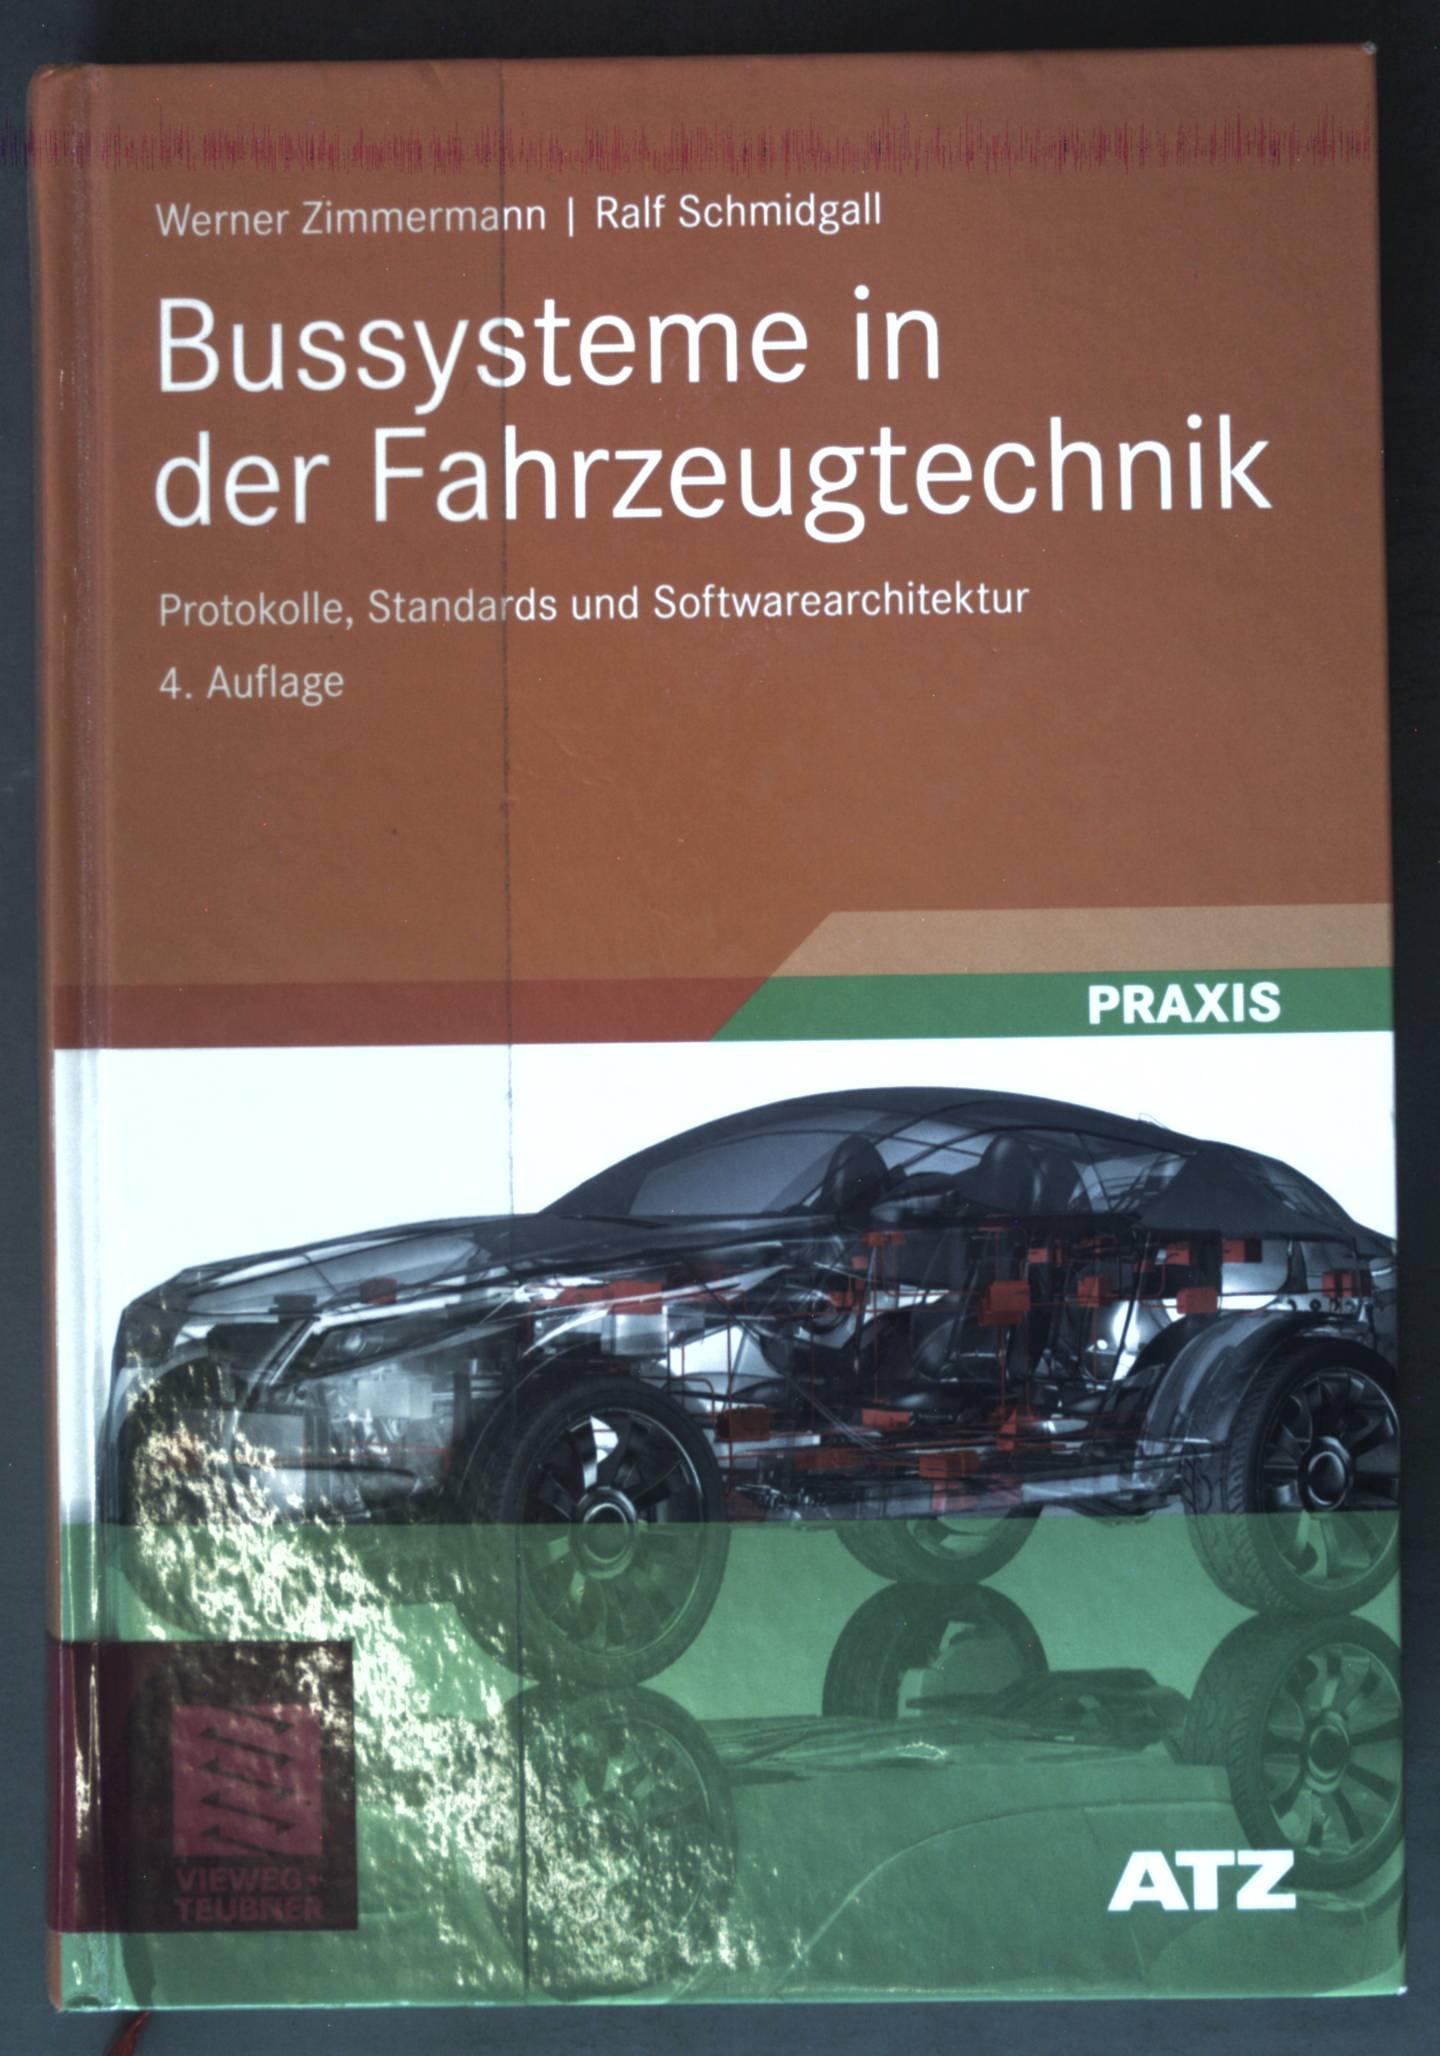 Bussysteme in der Fahrzeugtechnik : Protokolle, Standards und Softwarearchitektur ; ATZ-MTZ-Fachbuch; Praxis - Zimmermann, Werner und Christian Schmidgall